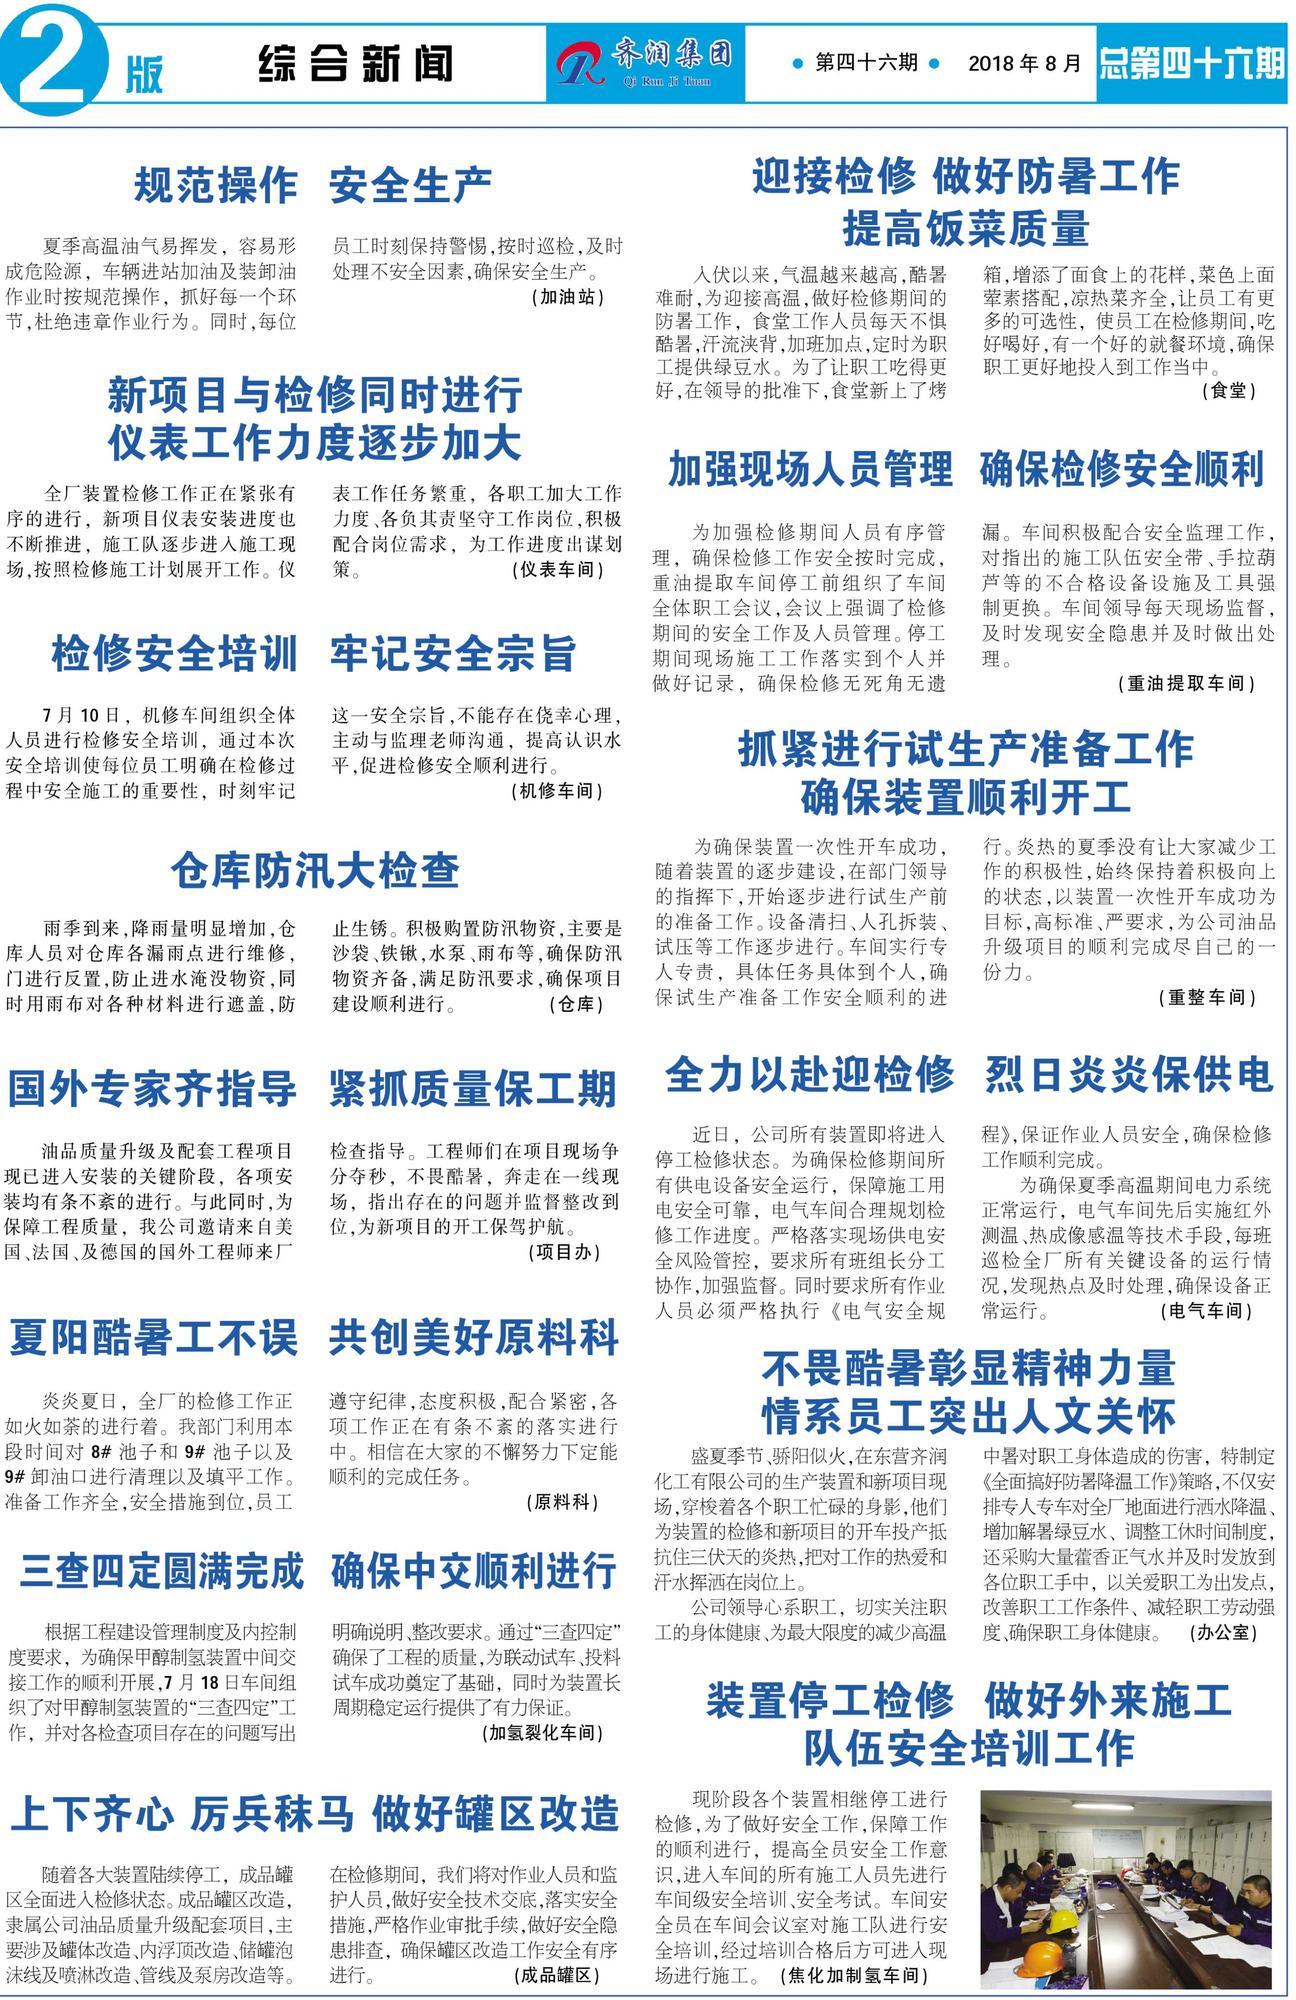 亚博体育官方登陆报第46期最终-2.jpg